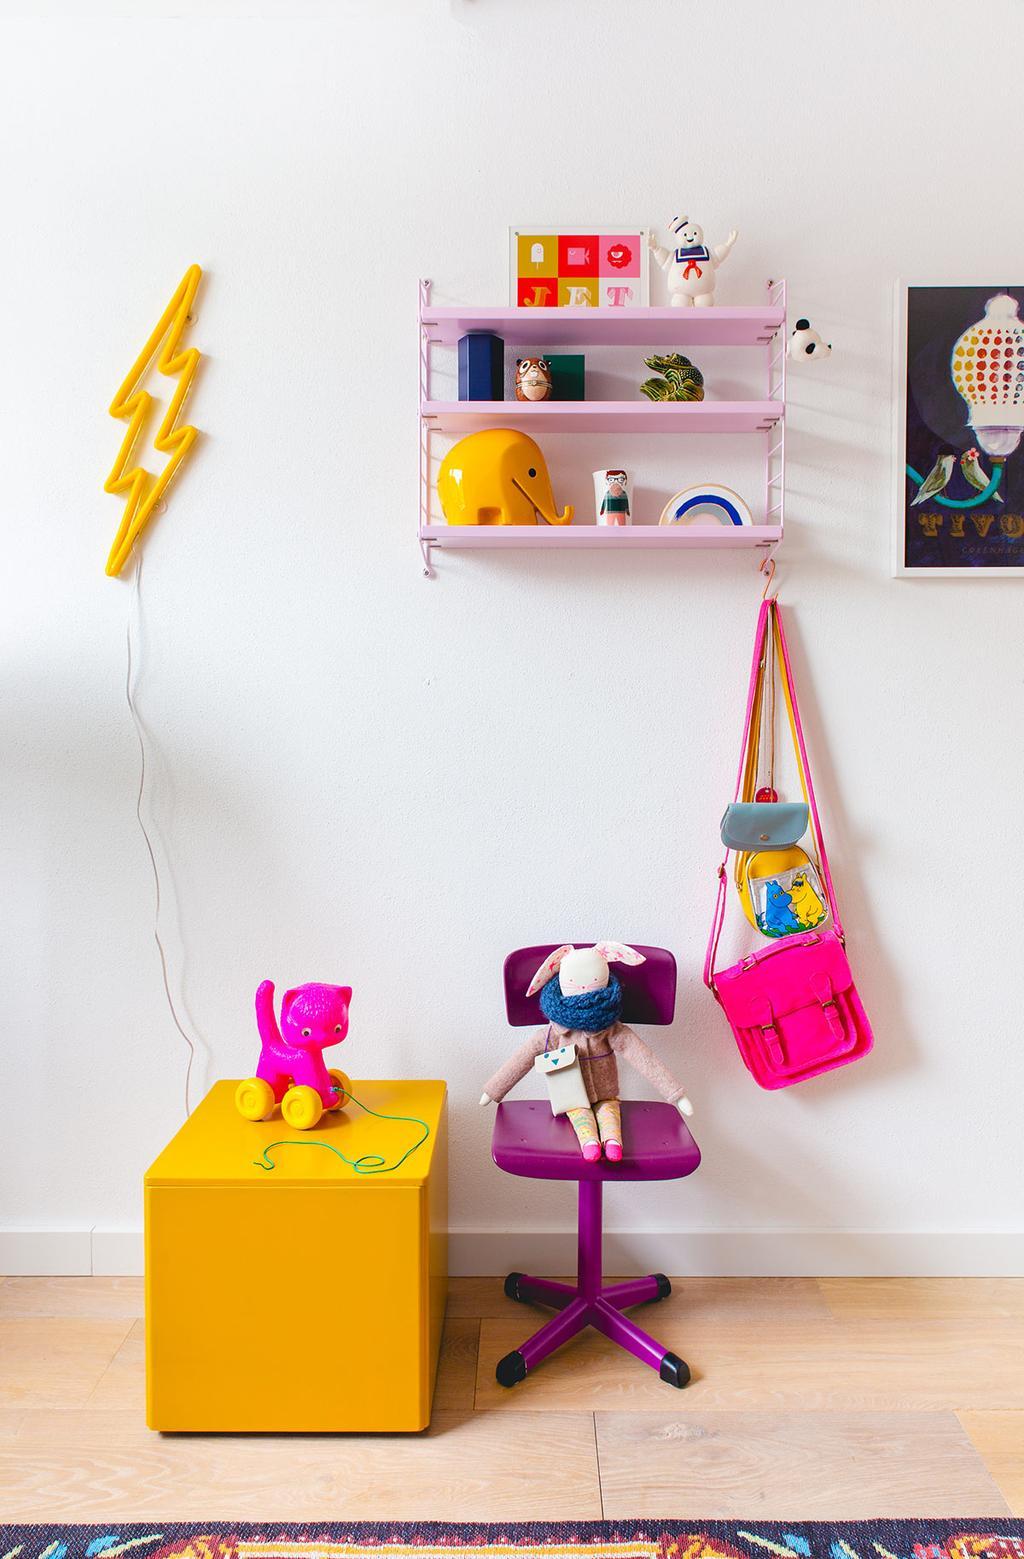 Kleurrijke kinderkamer met paarse kinderstoel, gele bak en roze wandrek